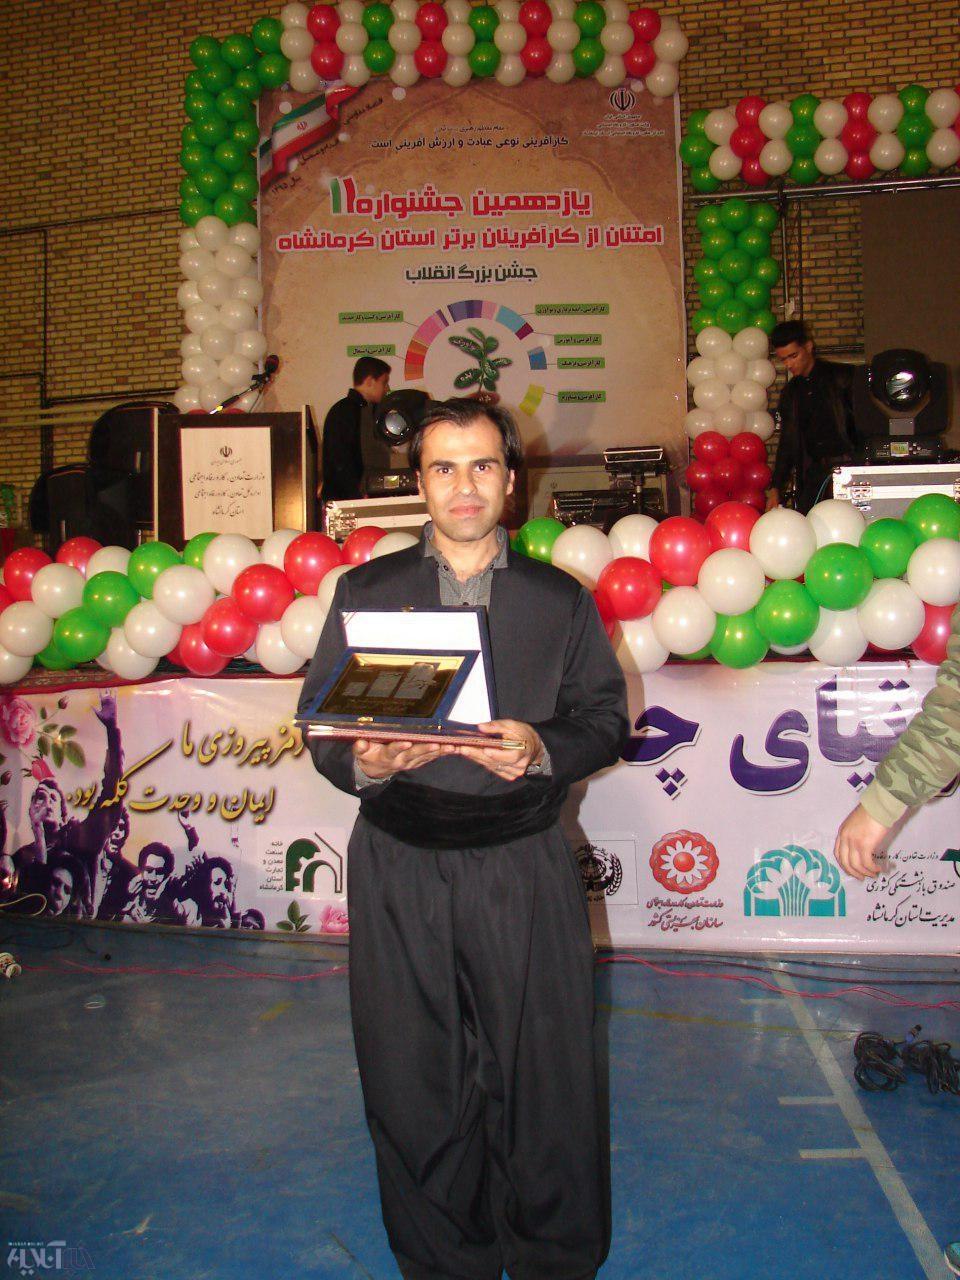 از کارآفرین برتر پاوهای در یازدهمین جشنواره کارآفرینان برتر کرمانشاه تجلیل شد